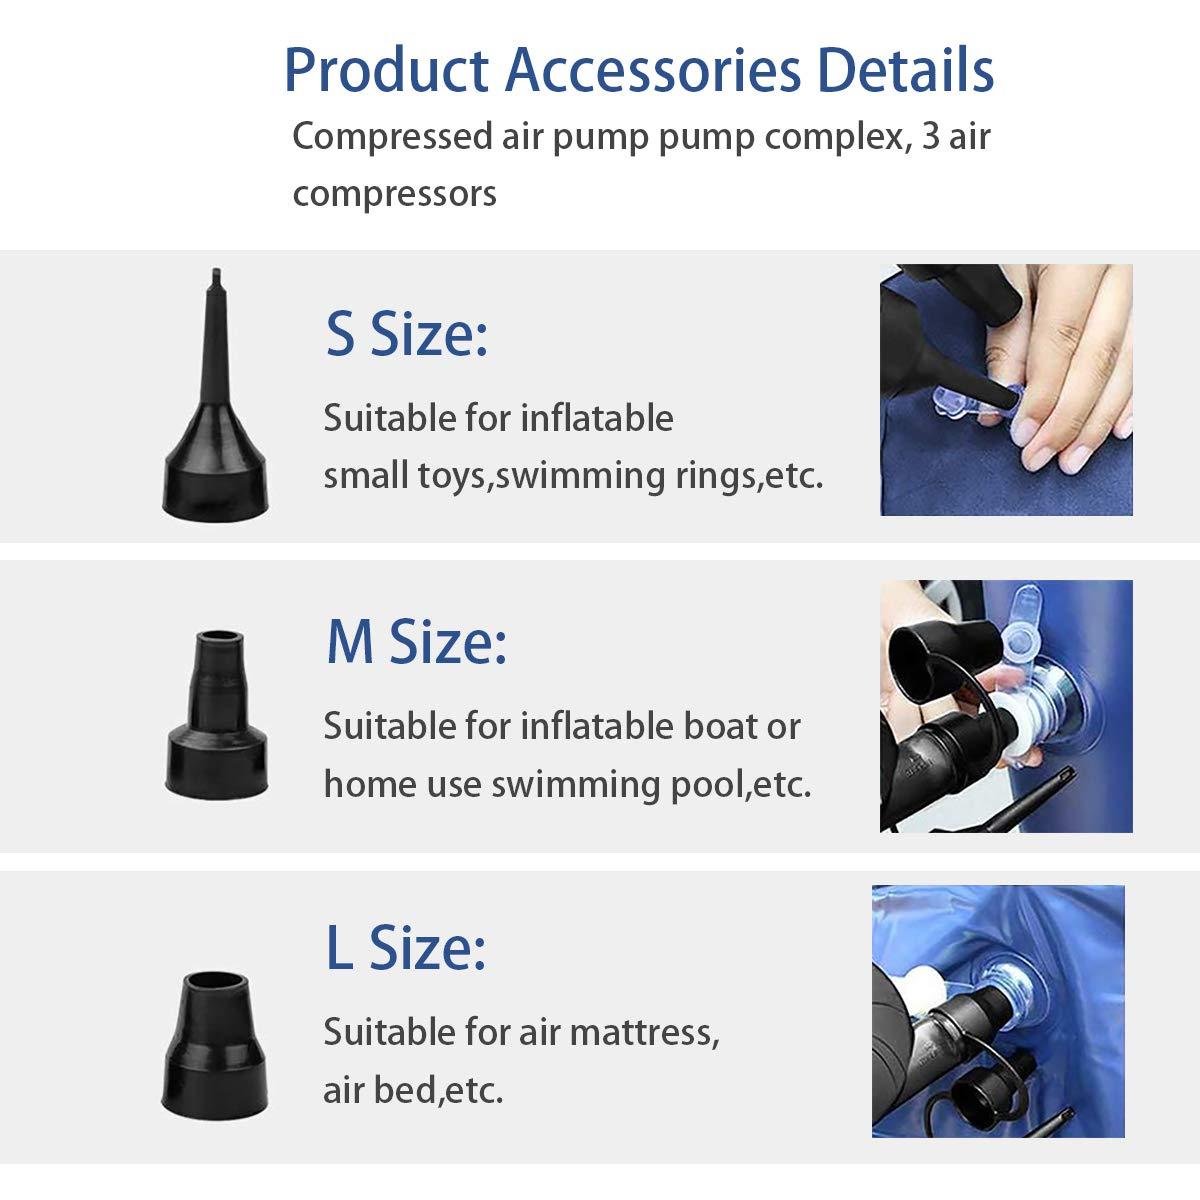 MUEAST Elektrische Luftpumpe USB Luftmatratze Pumpe, 2 in 1 Elektropumpe Power Pump Inflator Deflator mit 3 Luftdüse für aufblasbare Matratze,Kissen,Bett,Boot,Schwimmring (Schwarz)